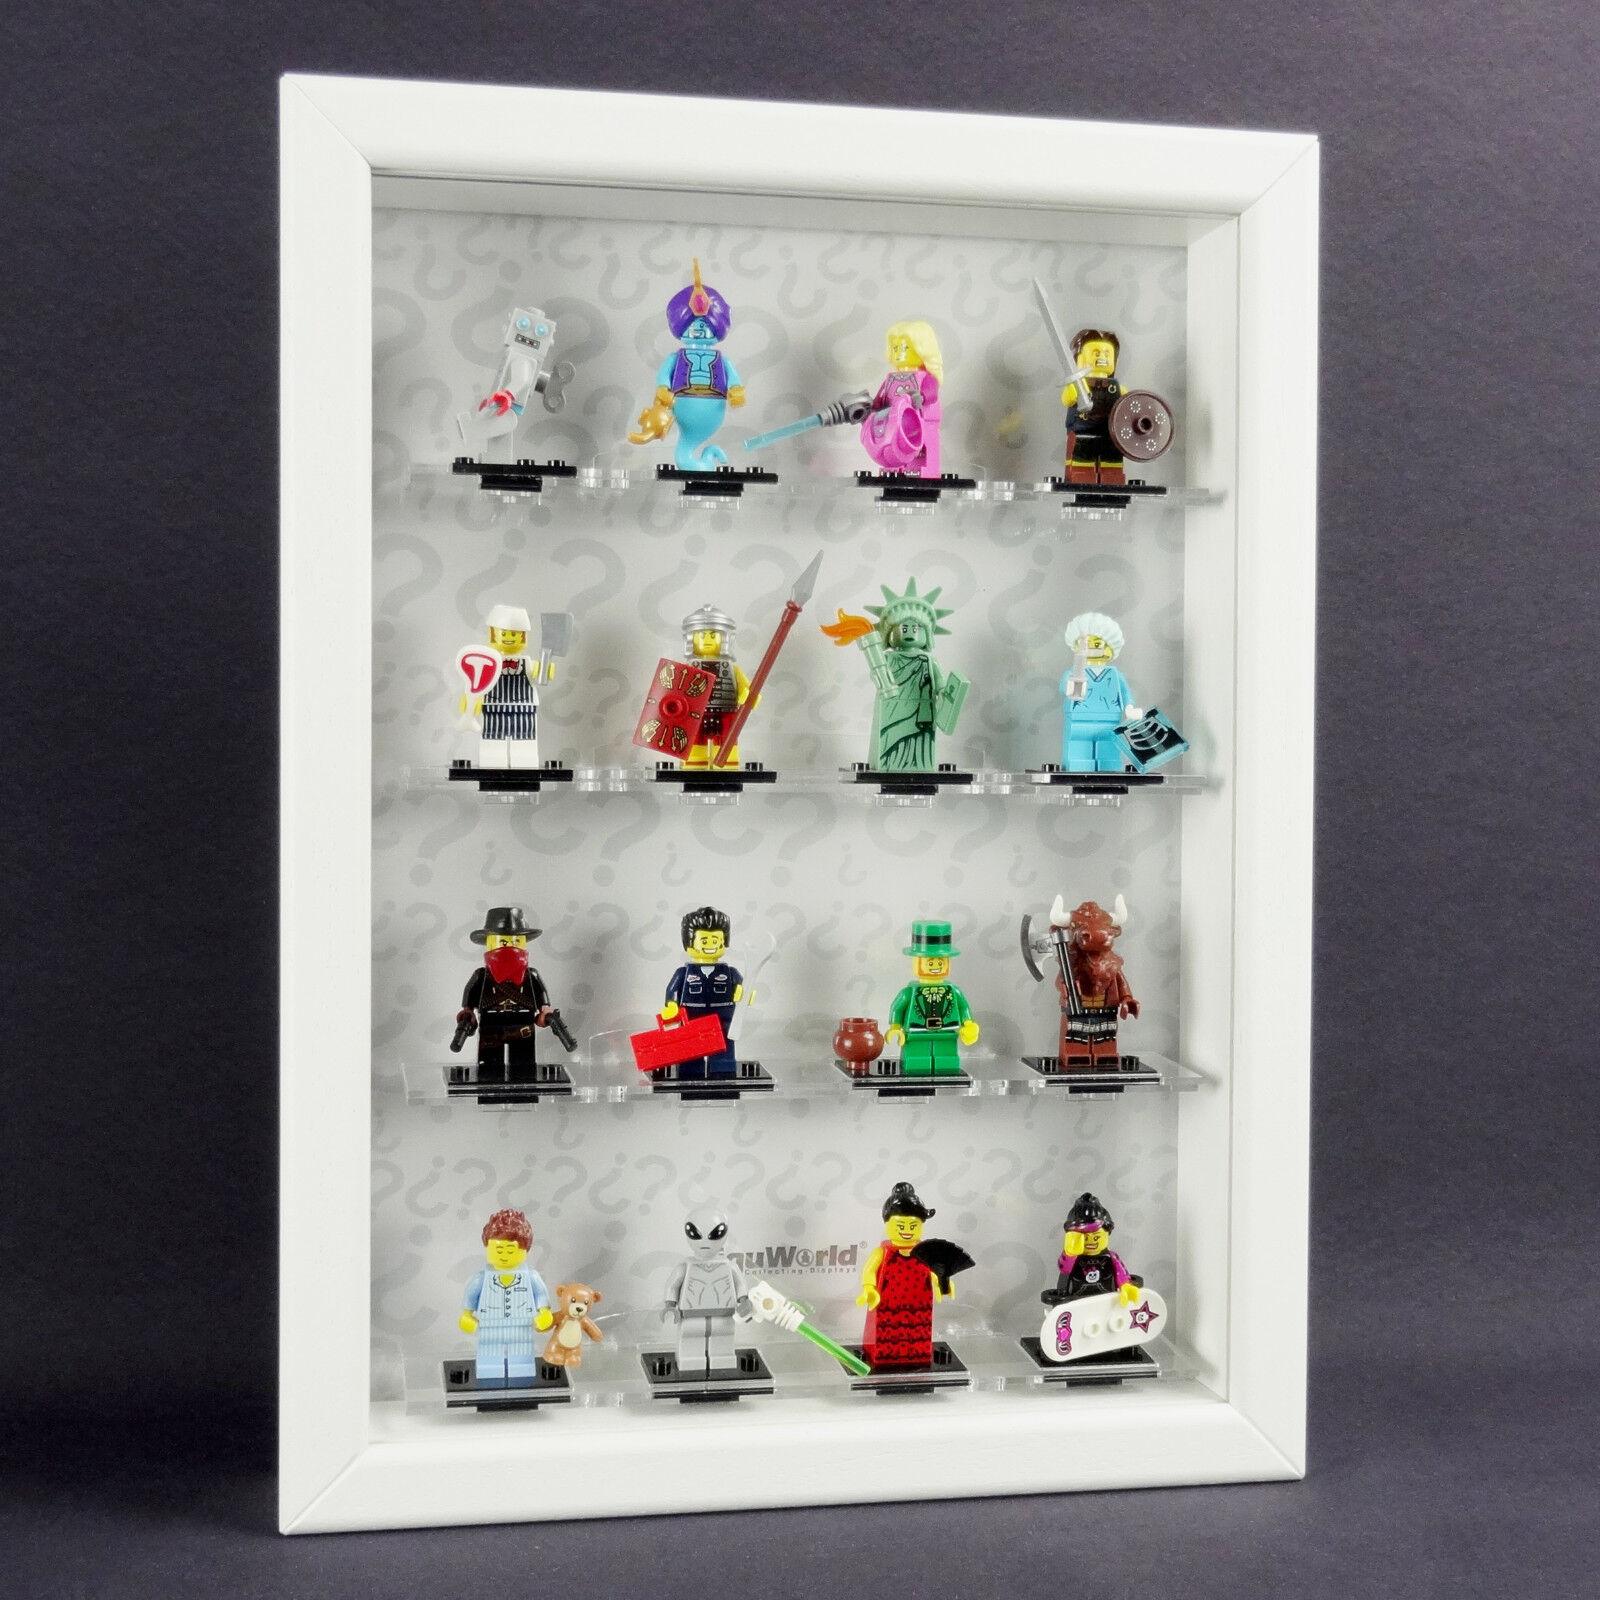 Figucase Vitrine de Collectionneur pour Lego Série 8827 Minifigures 6